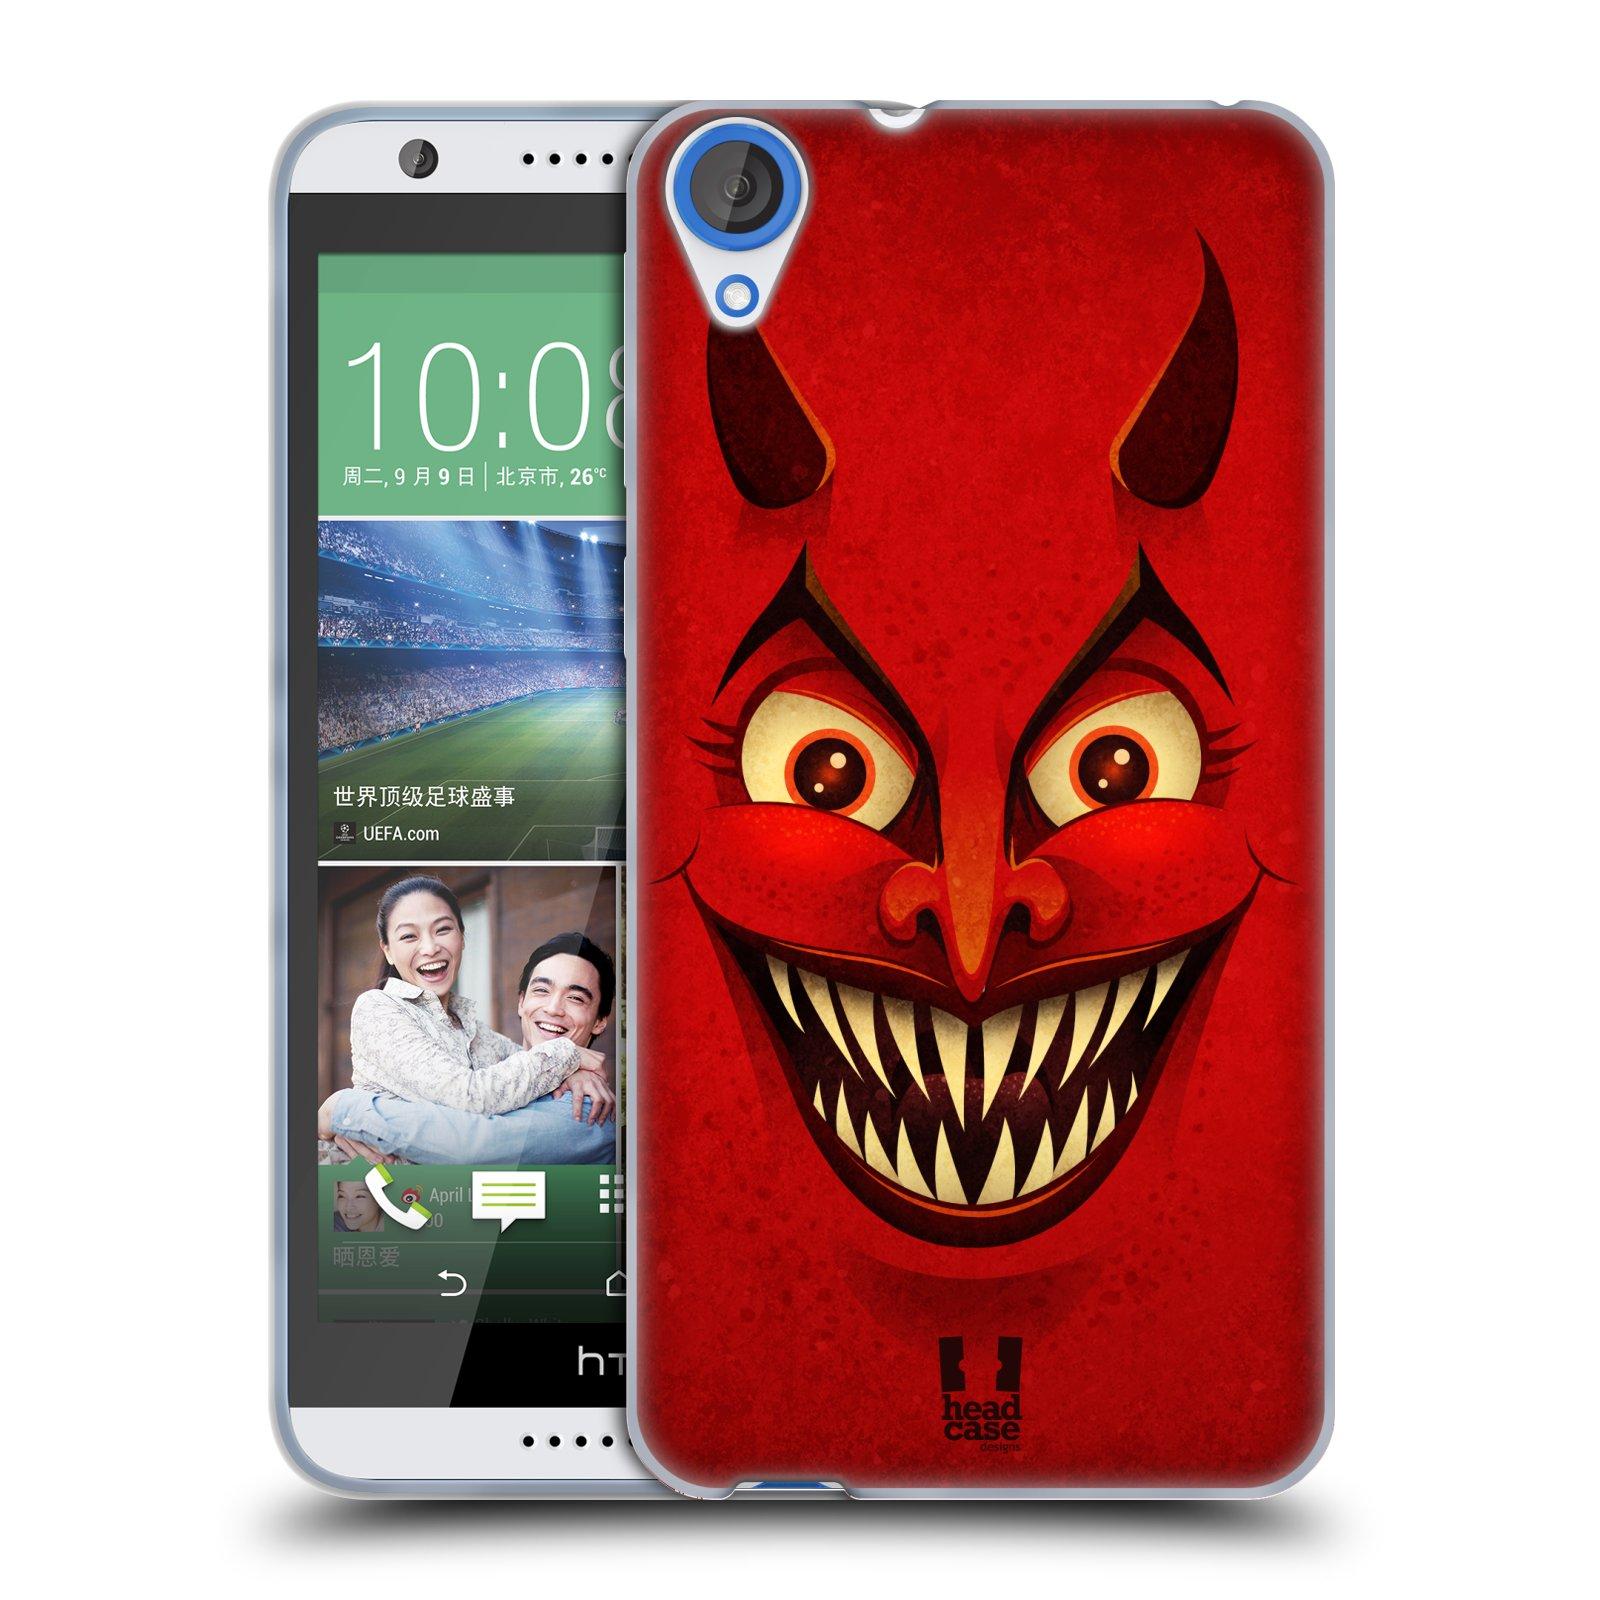 Silikonové pouzdro na mobil HTC Desire 820 HEAD CASE ČERT (Silikonový kryt či obal na mobilní telefon HTC Desire 820)